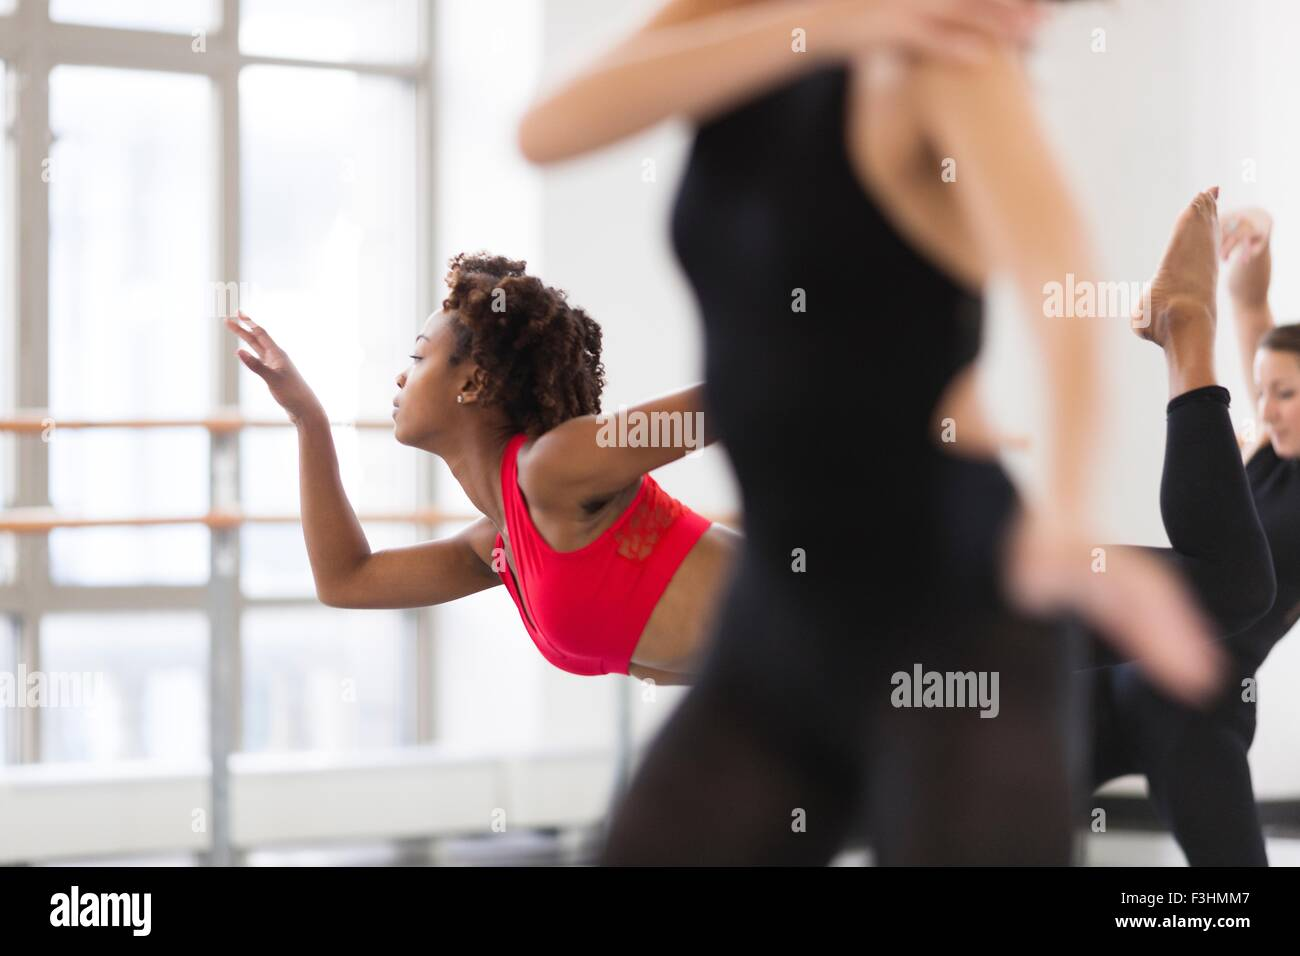 Junge Frauen im Tanzstudio tanzen, differenzielle Fokus Stockbild